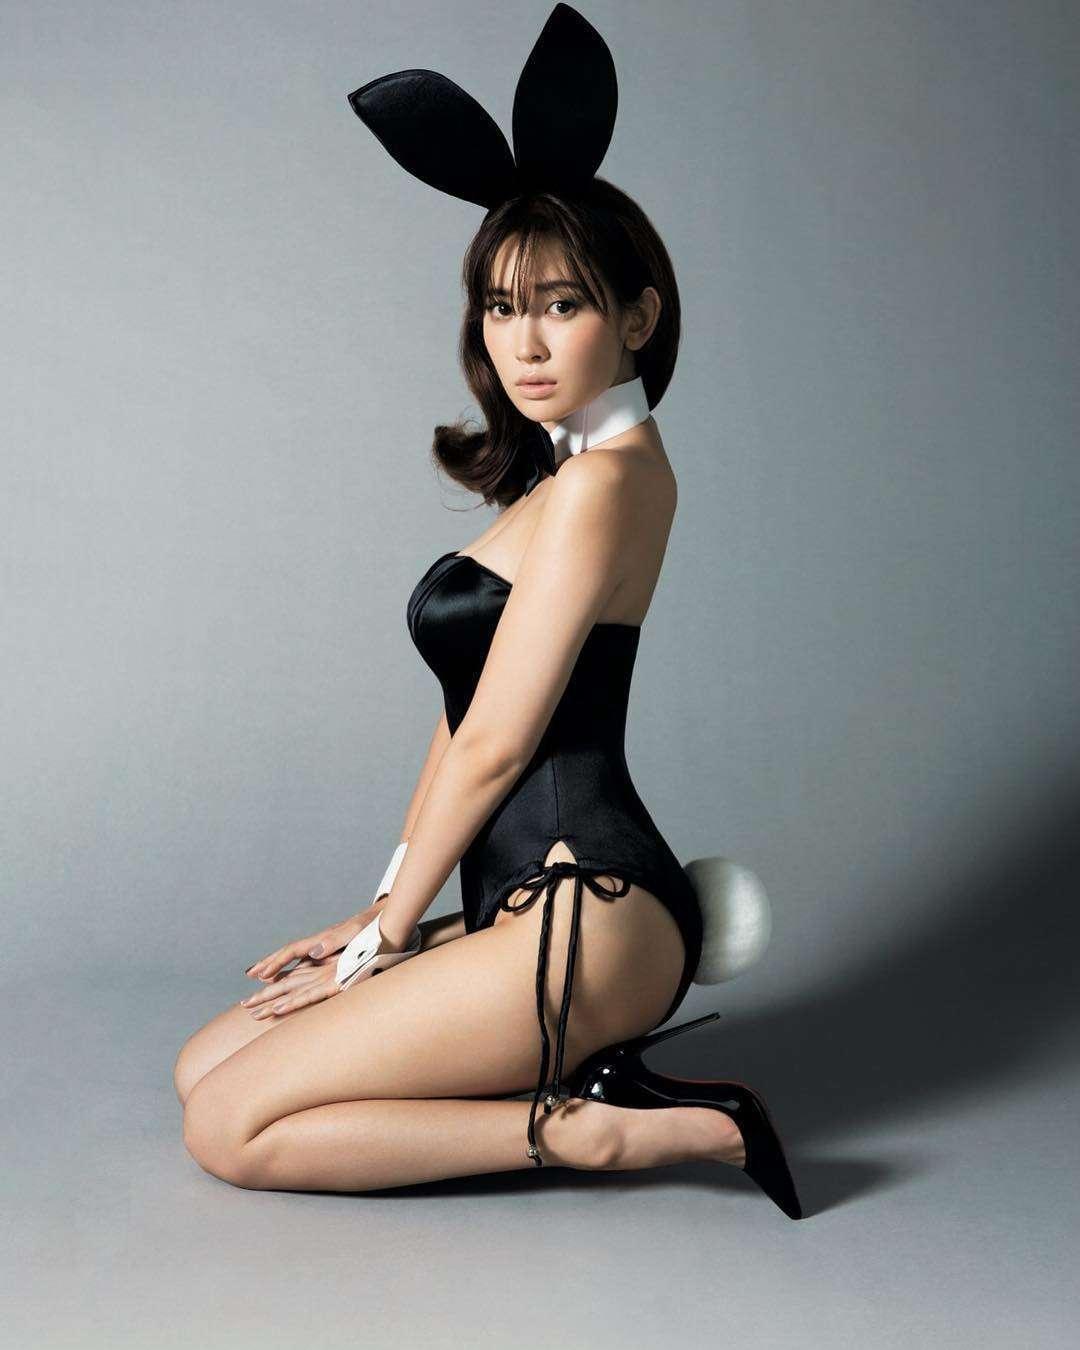 小嶋陽菜、セクシーバニーガールのコスプレを披露!「ヤバすぎる!」とファン興奮